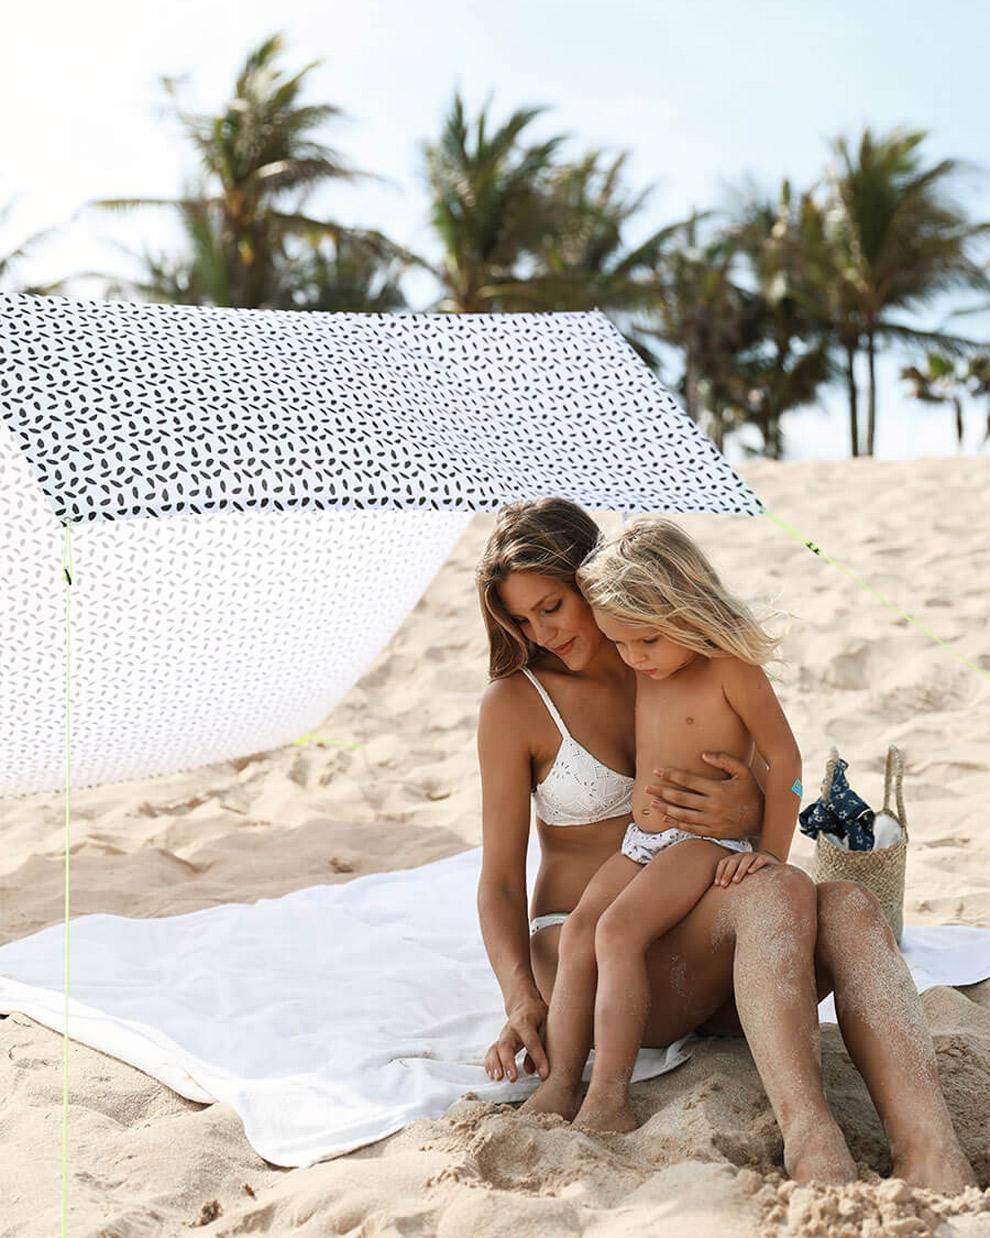 Beschermd voor de zon onder de Miasun strandtent van Fatboy